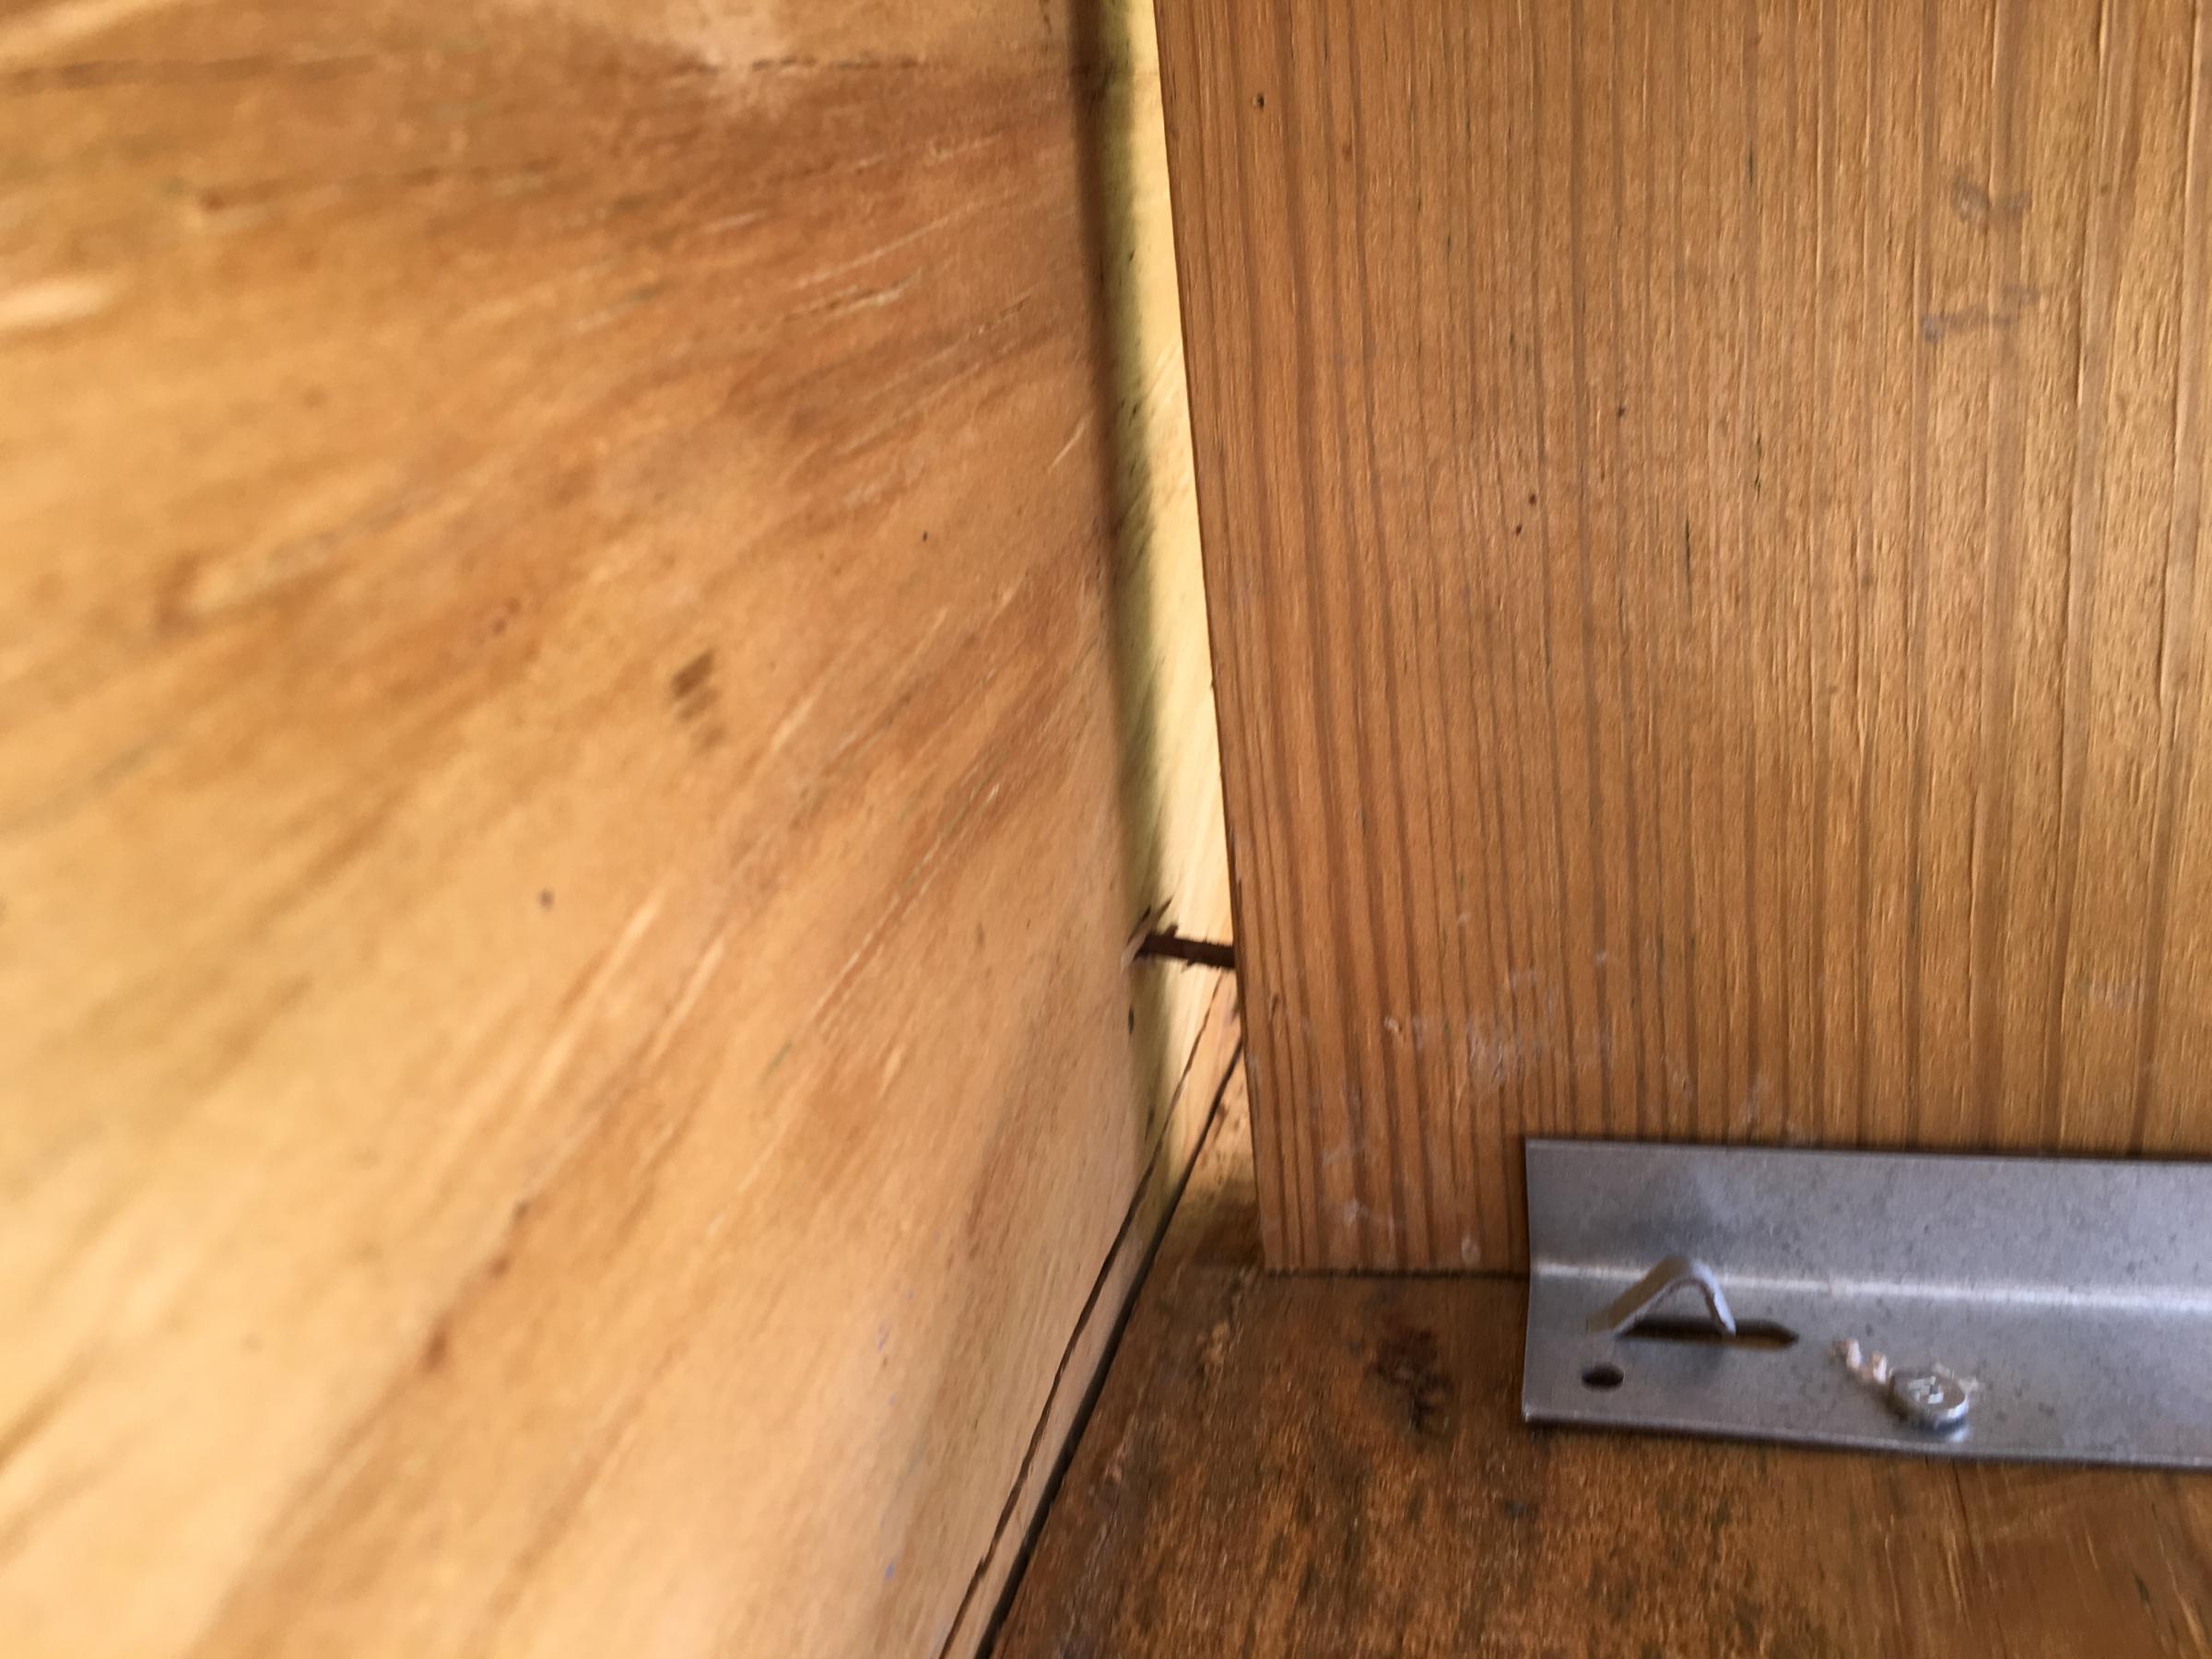 Is deck safe? Violations? Pt. 1-img_9611.jpg